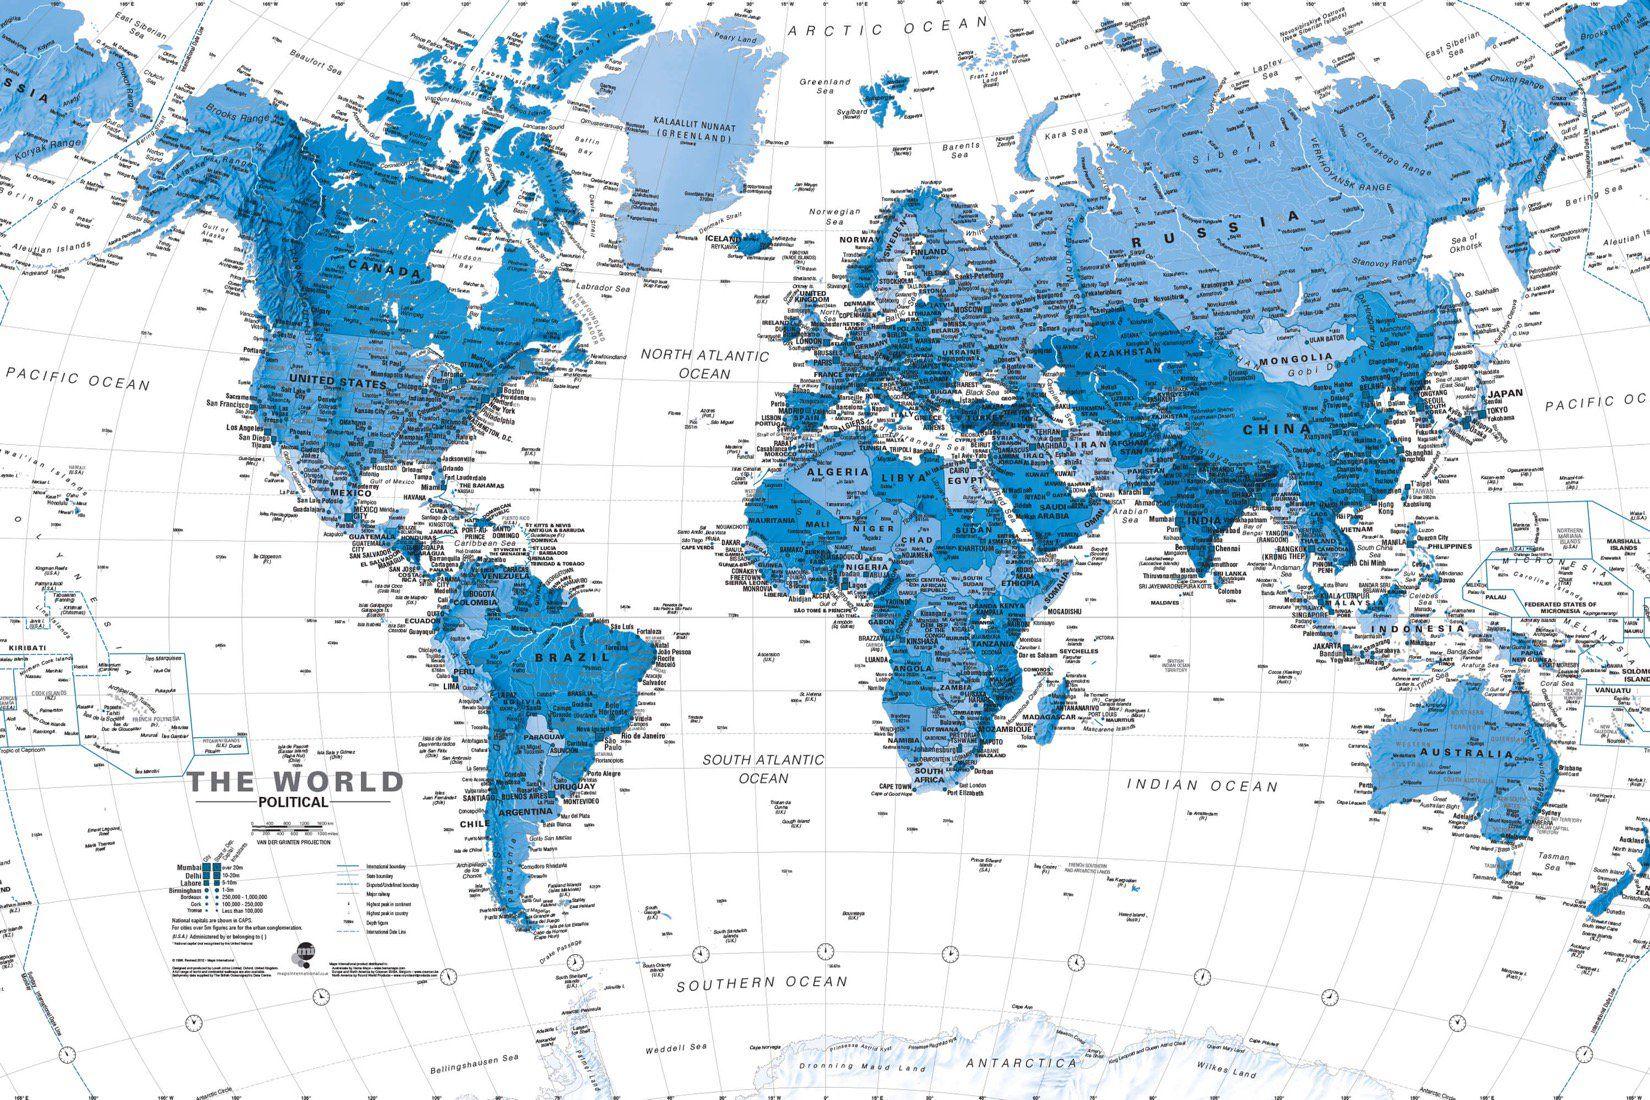 Blue & White World Travel Map Wallpaper Mural | Hovia